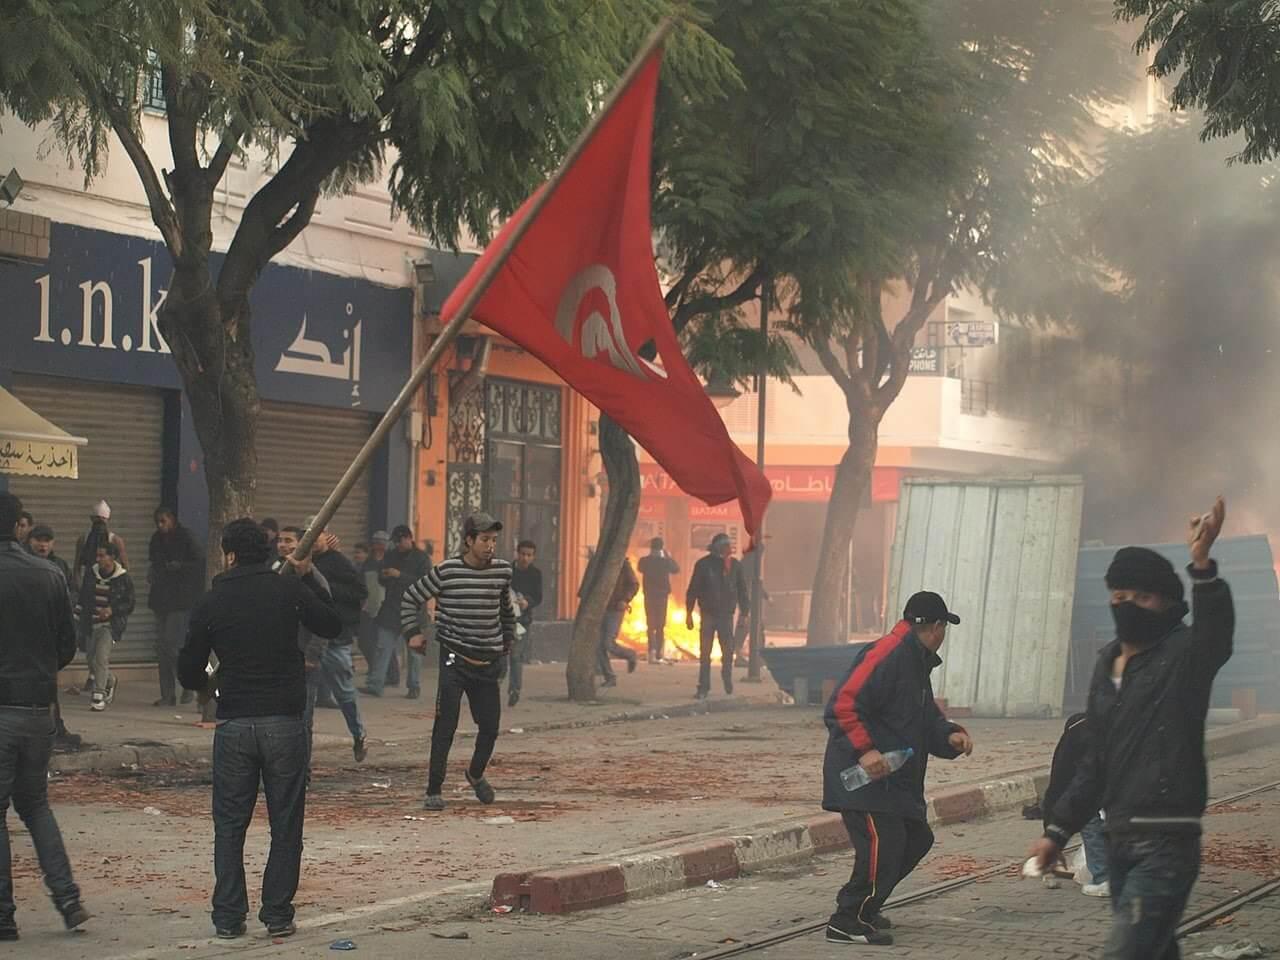 Hogra – Wurzel politischer Instabilität in Nordafrika